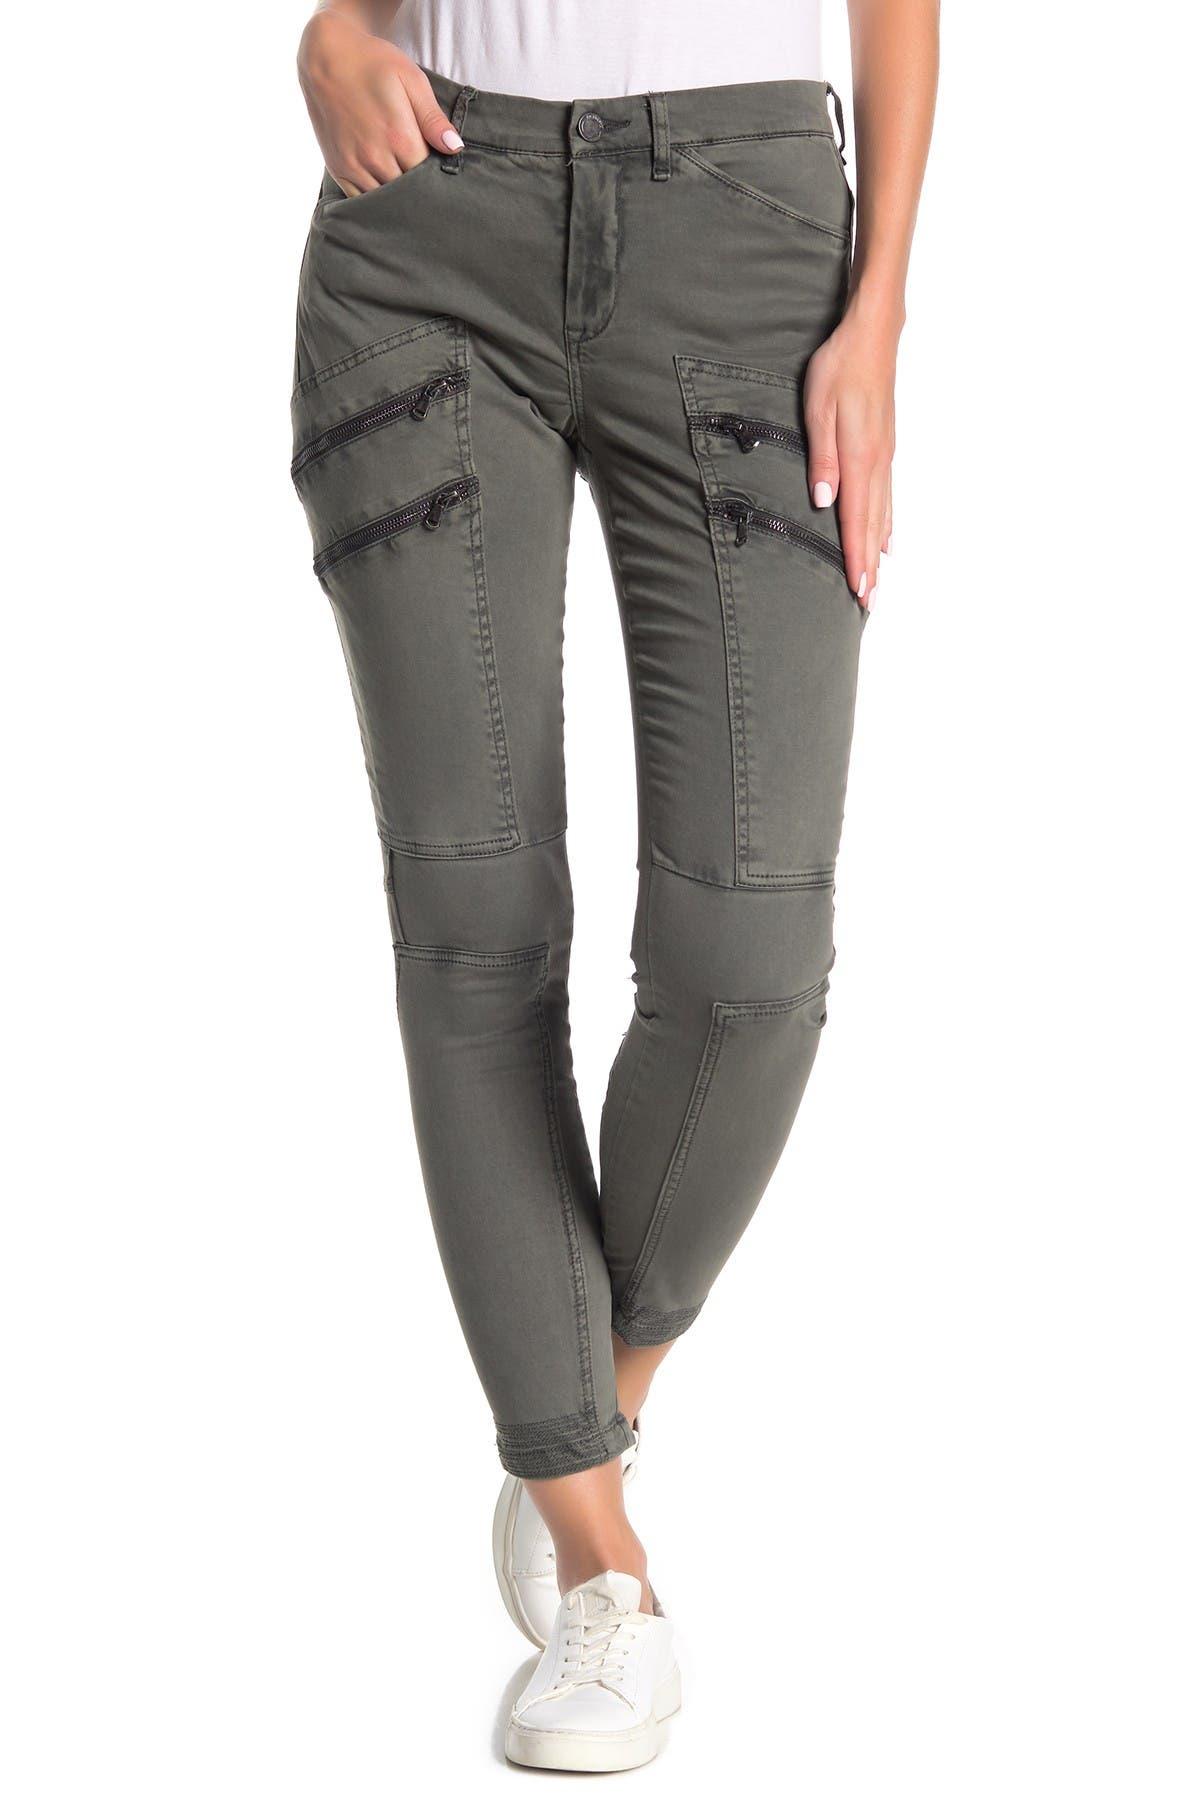 Image of BLANKNYC Denim Zip Pocket Utility Pants